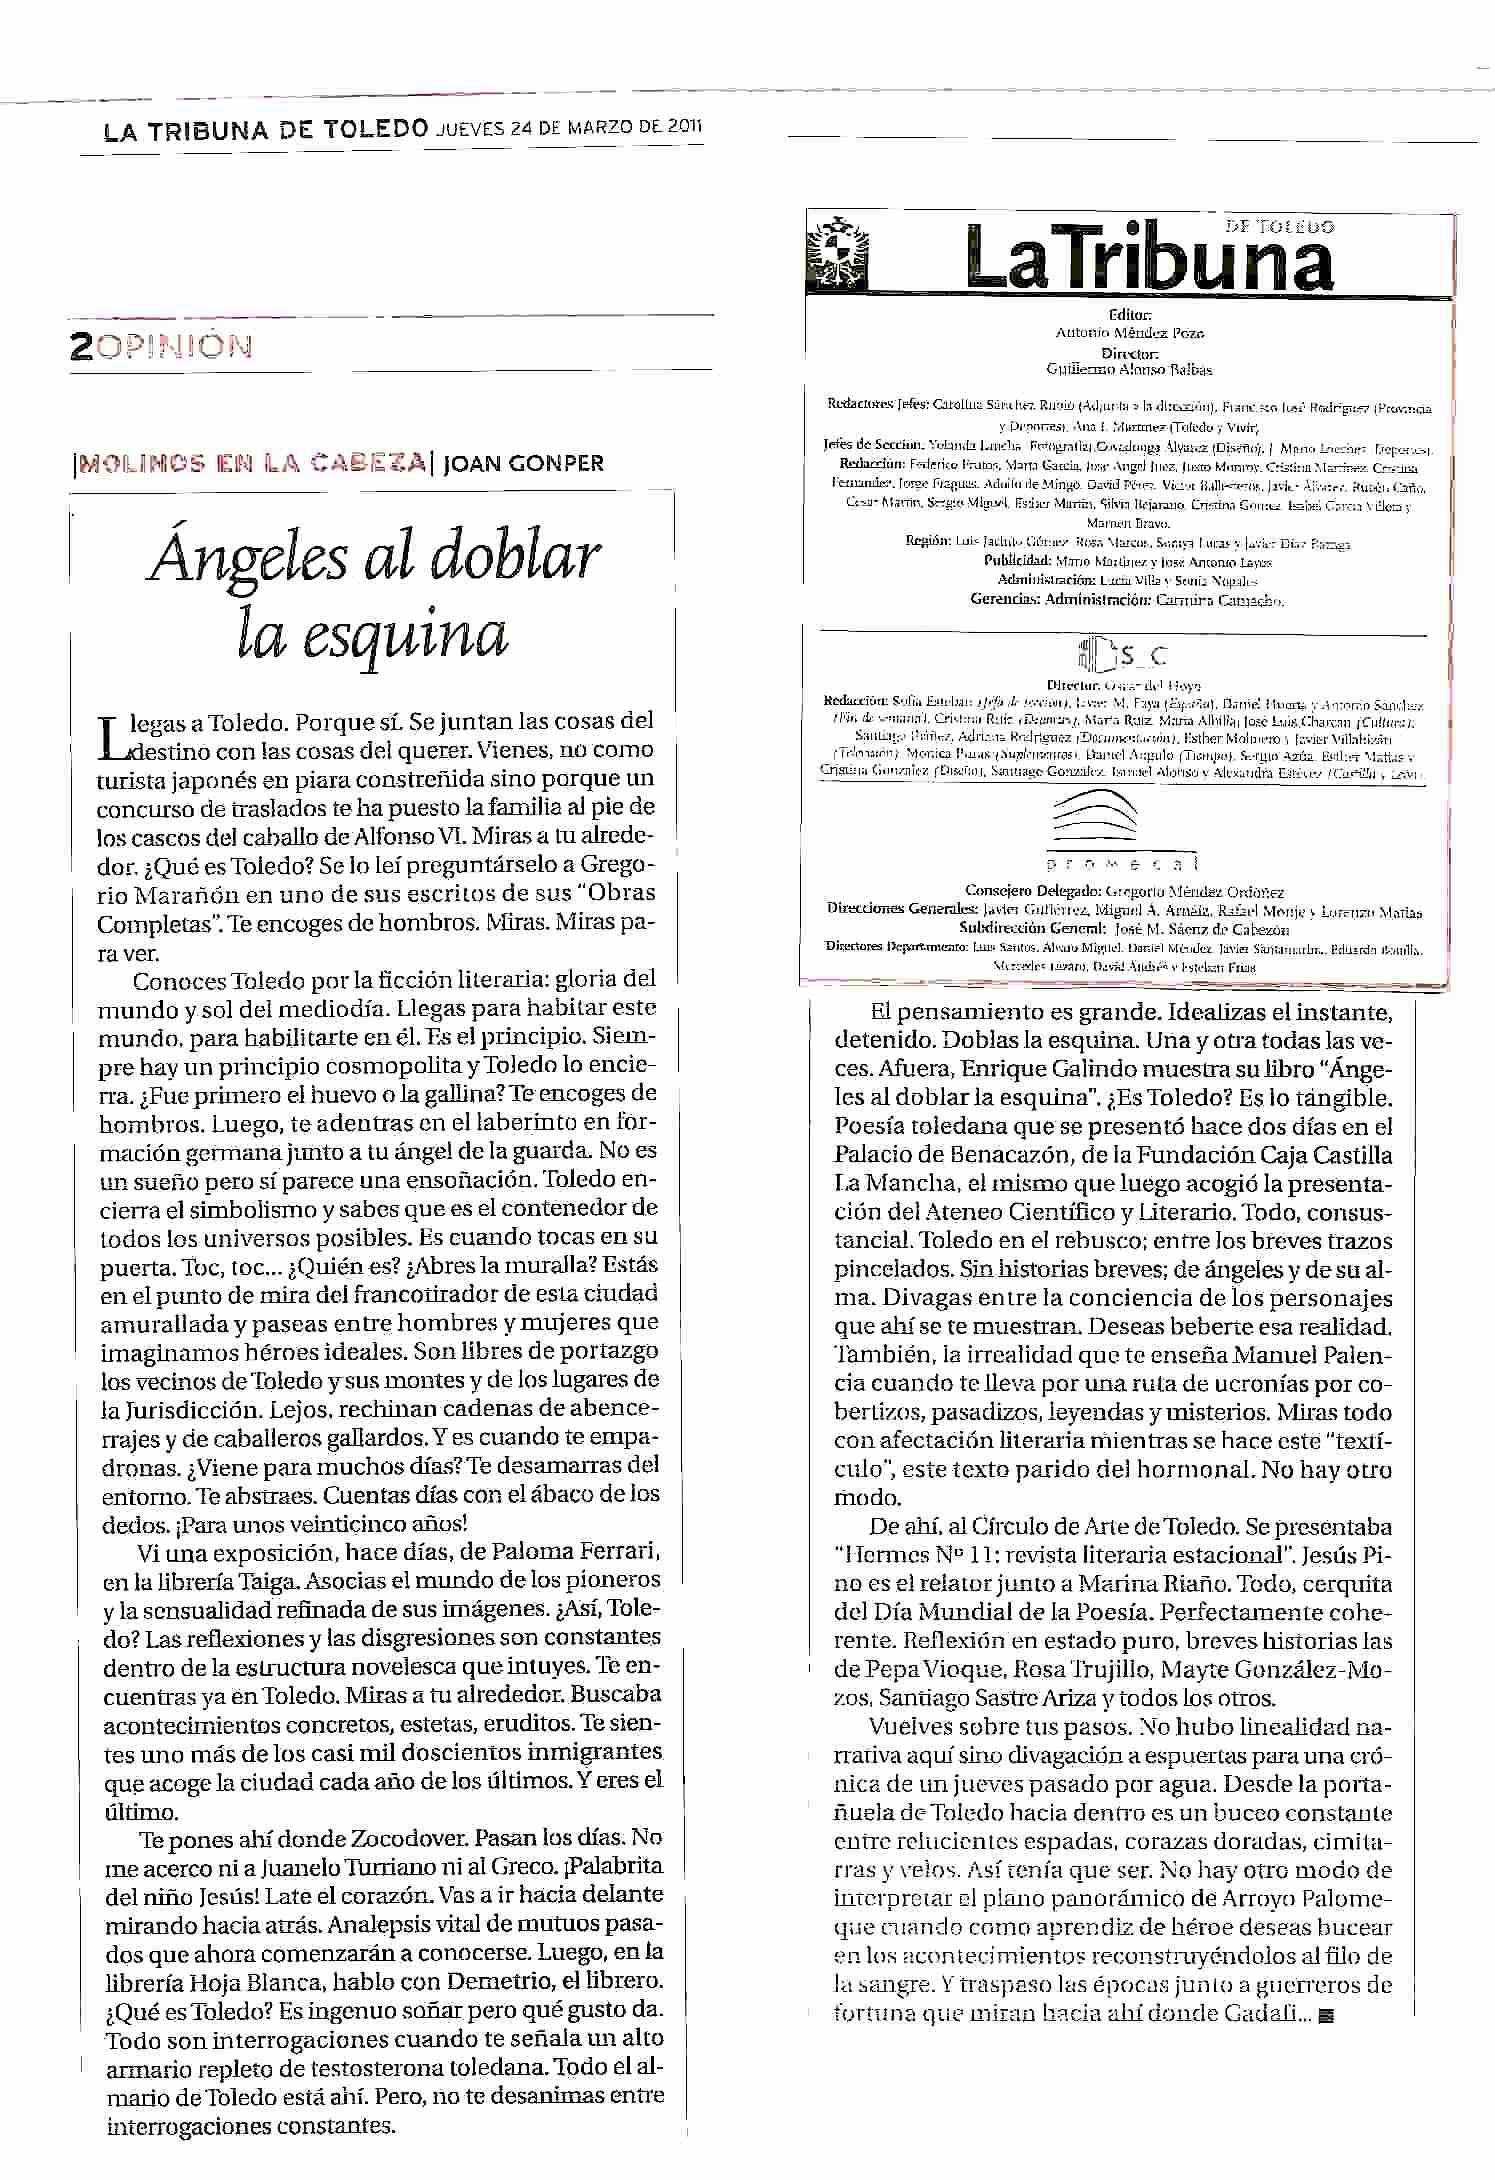 """LA TRIBUNA DE TOLEDO: Sobre """"Ángeles al doblar la esquina"""", de Enrique Galindo."""